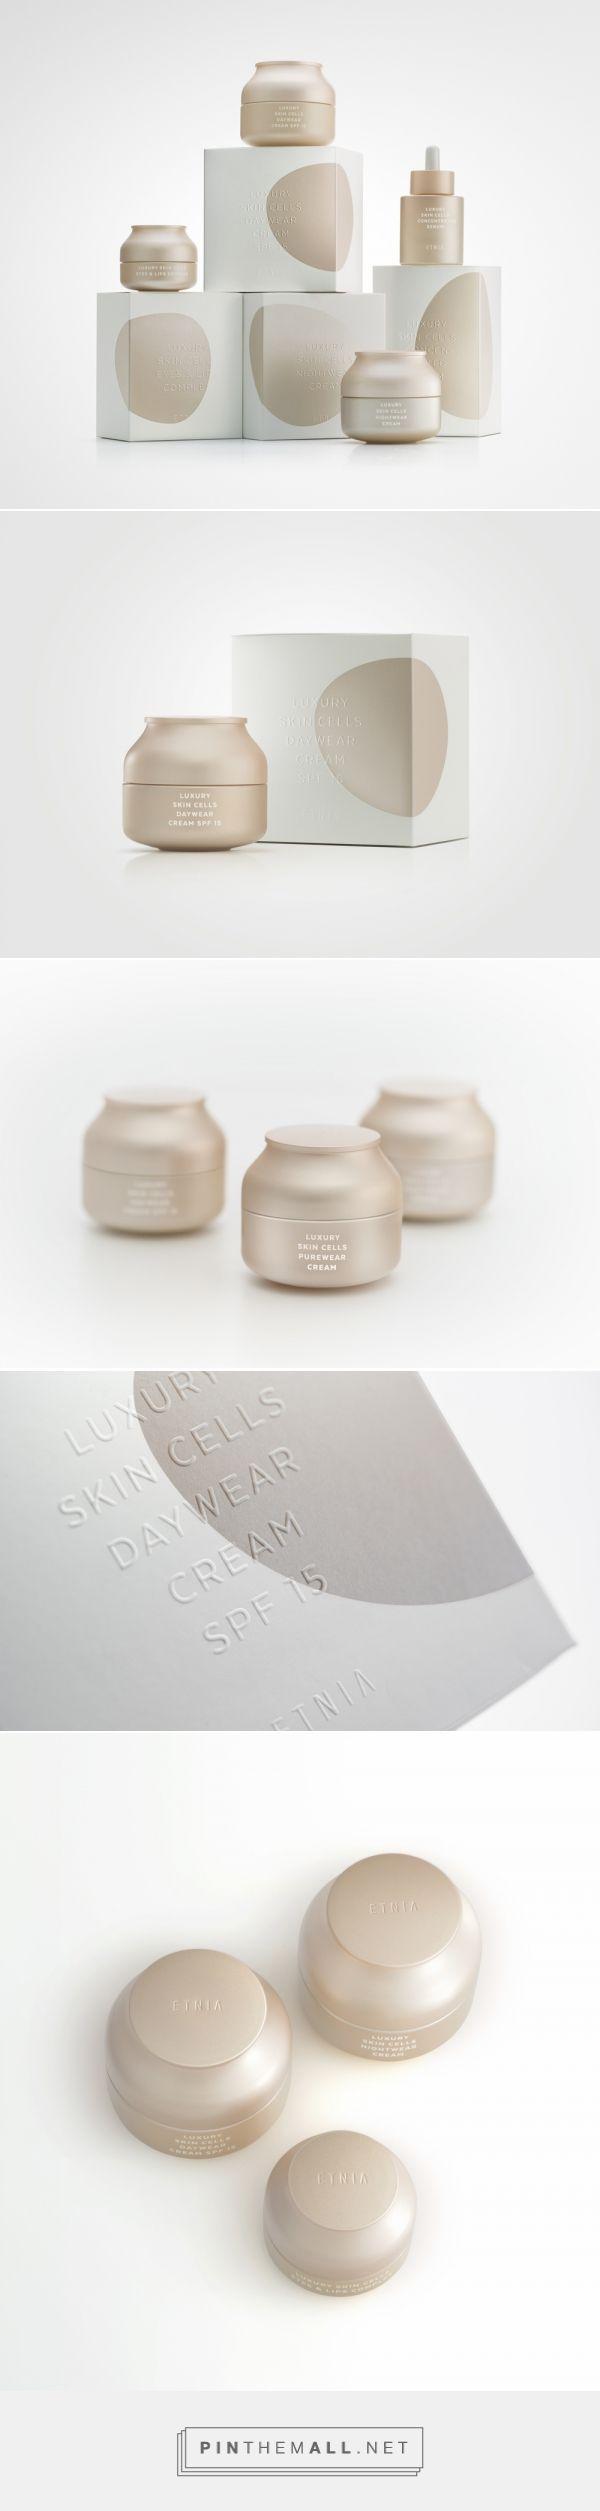 Luxury Skin Cells — The Dieline - Branding & Packaging